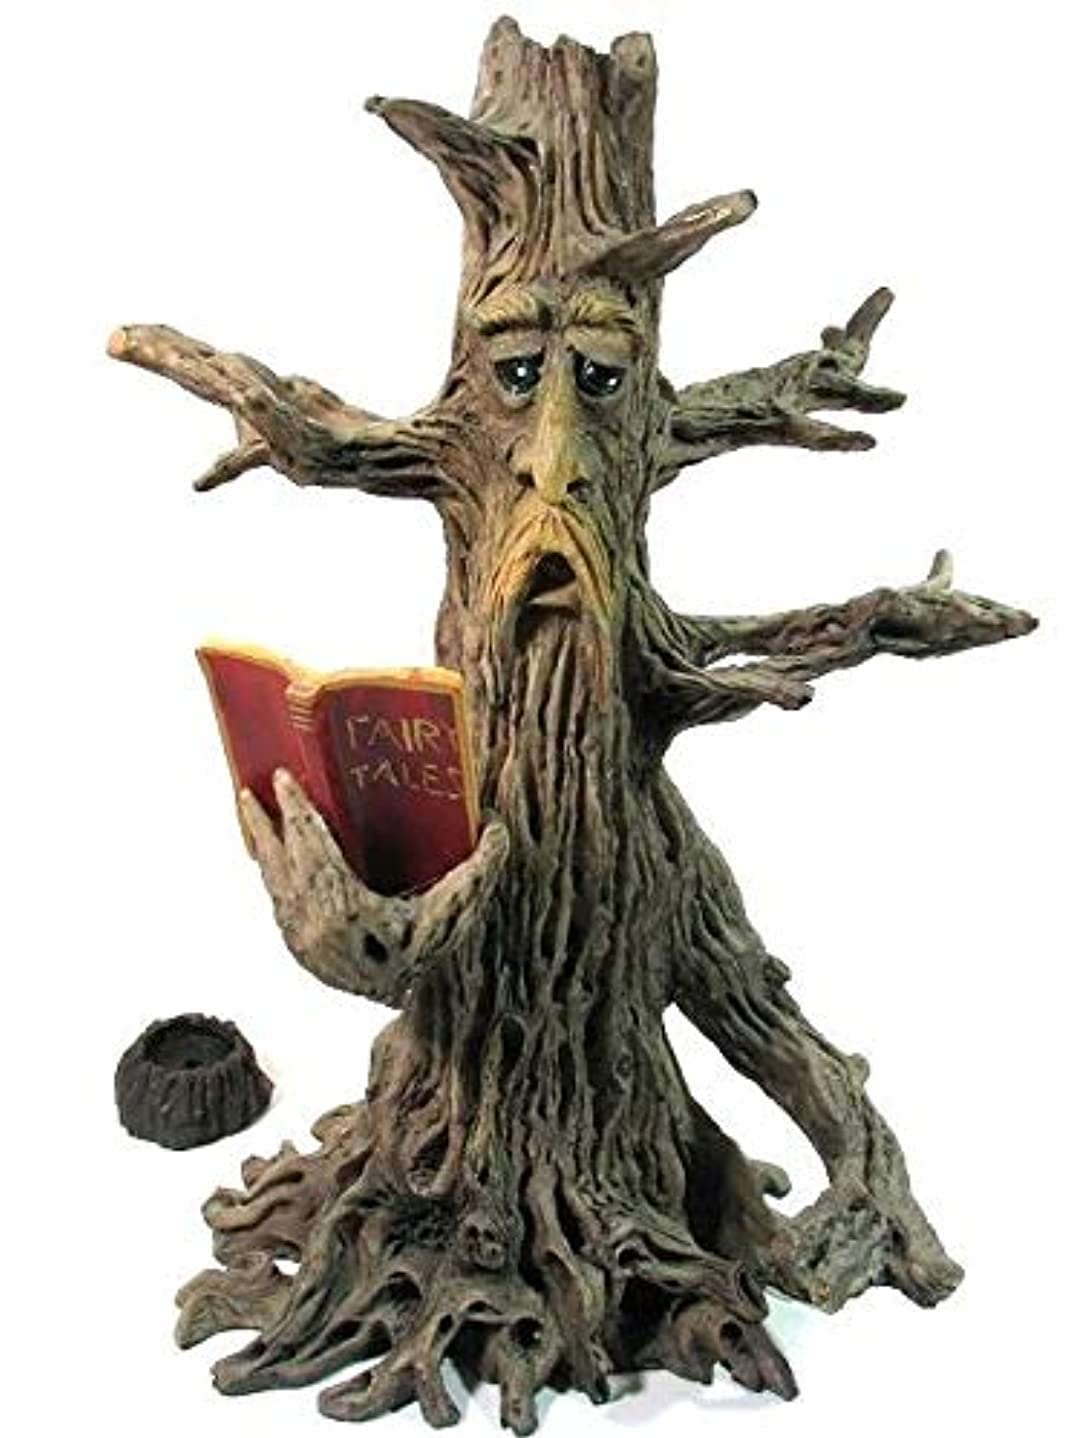 りんごネズミケーキ[INCENSE GOODS(インセンスグッズ)] TREE MAN READING BOOK INCENSE BURNER 木の精香立